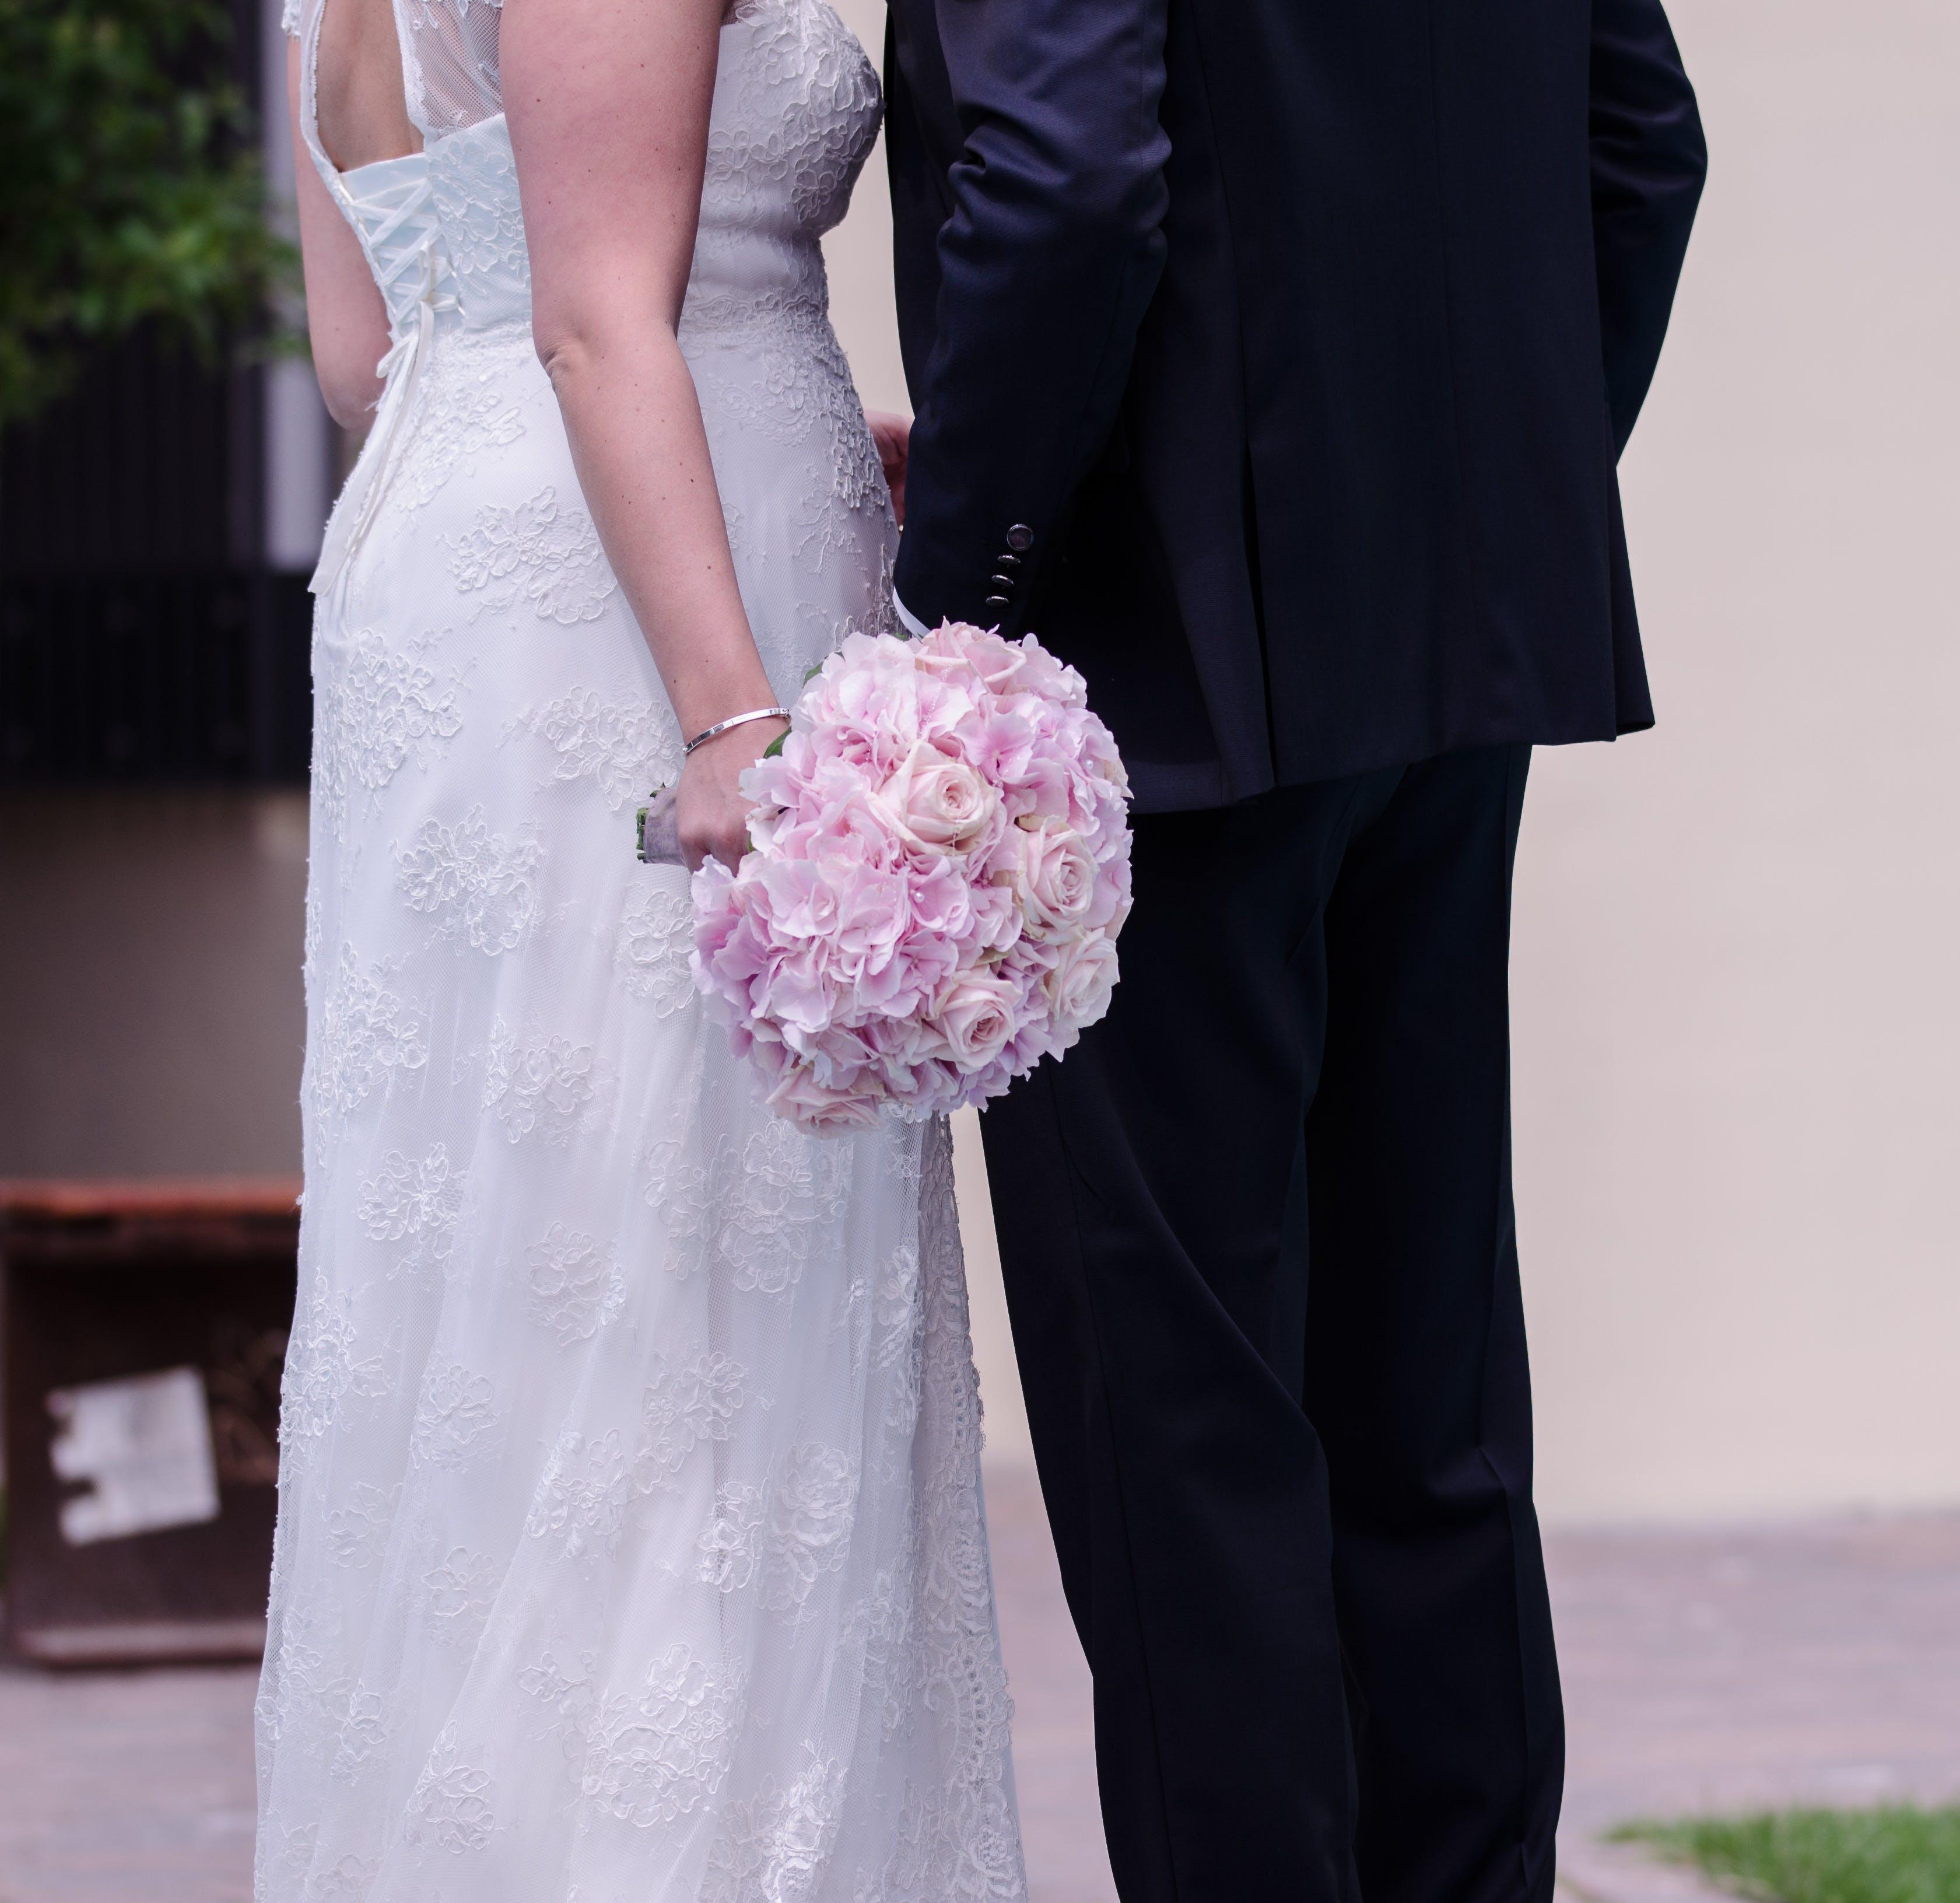 Δωρεάν στοκ φωτογραφιών με αγάπη, άνδρας, γαμήλια τελετή, γάμος